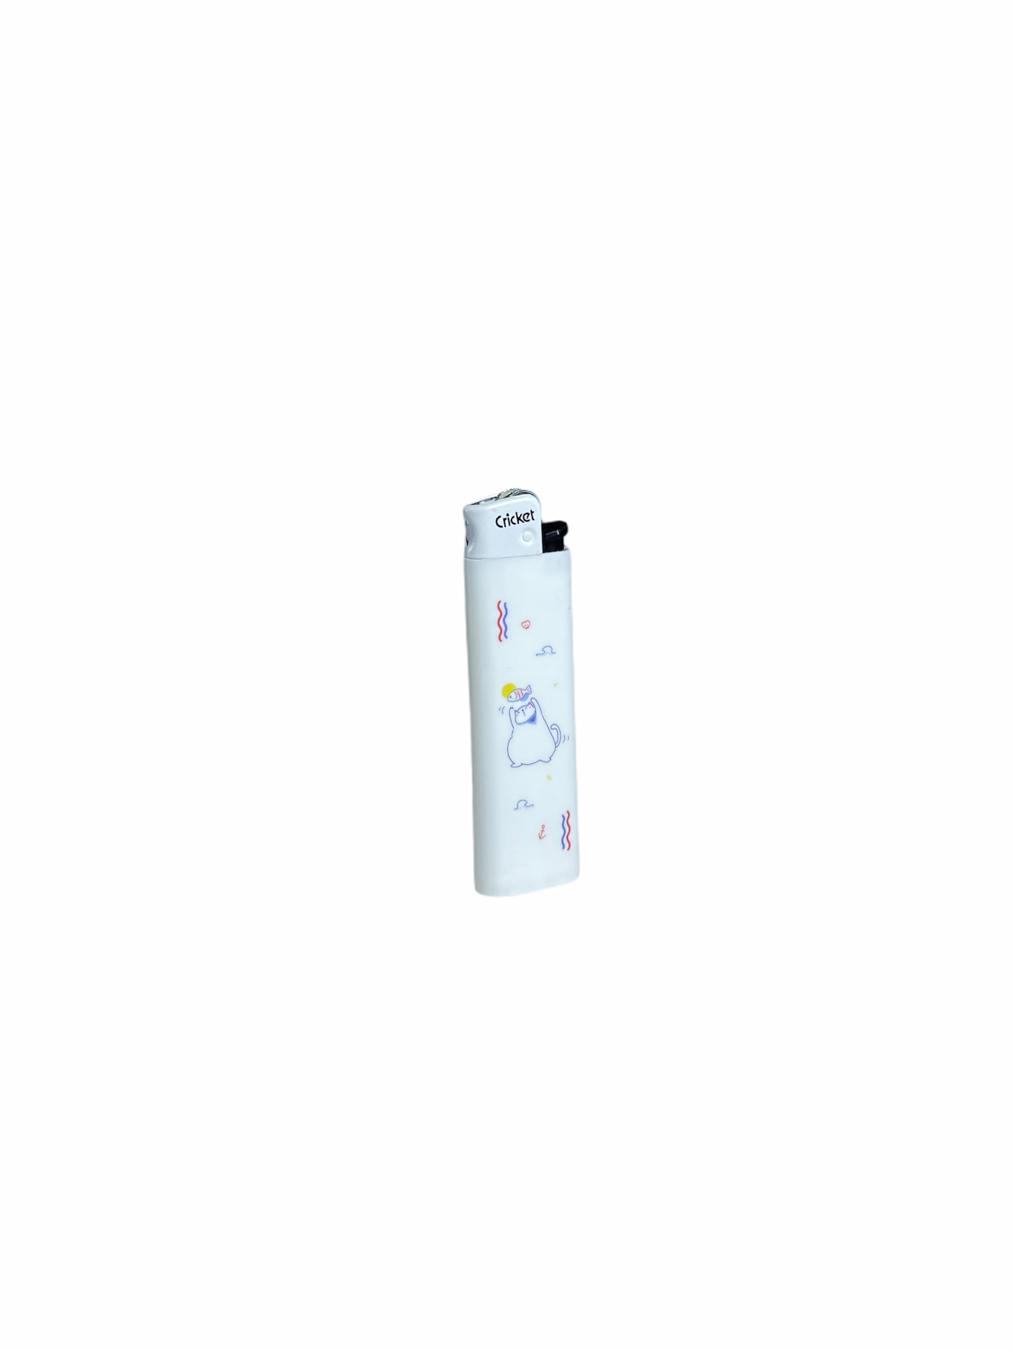 Sneakarette Ocean Lighter